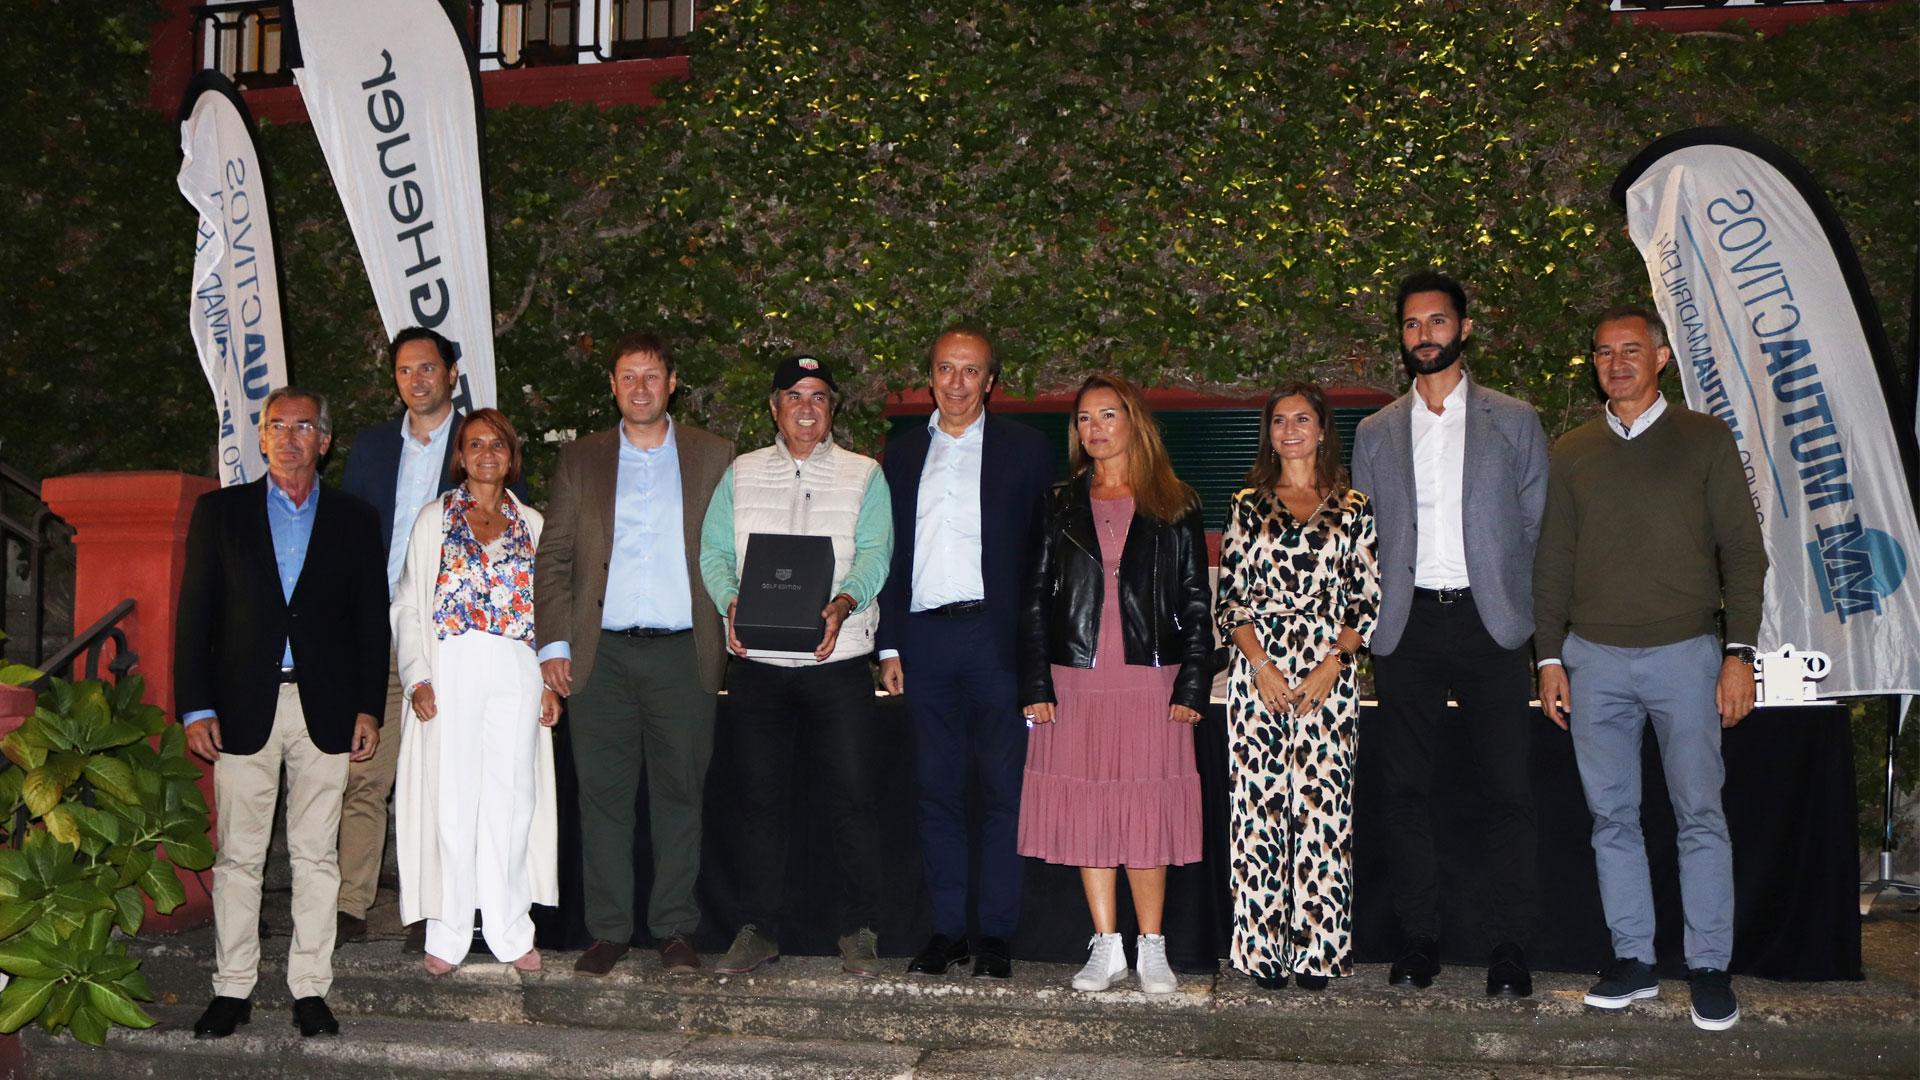 II Campeonato CGES de Golf 2021. 🏆  Joyeria Calvo y TAG Heuer reafirman su compromiso con el deporte.